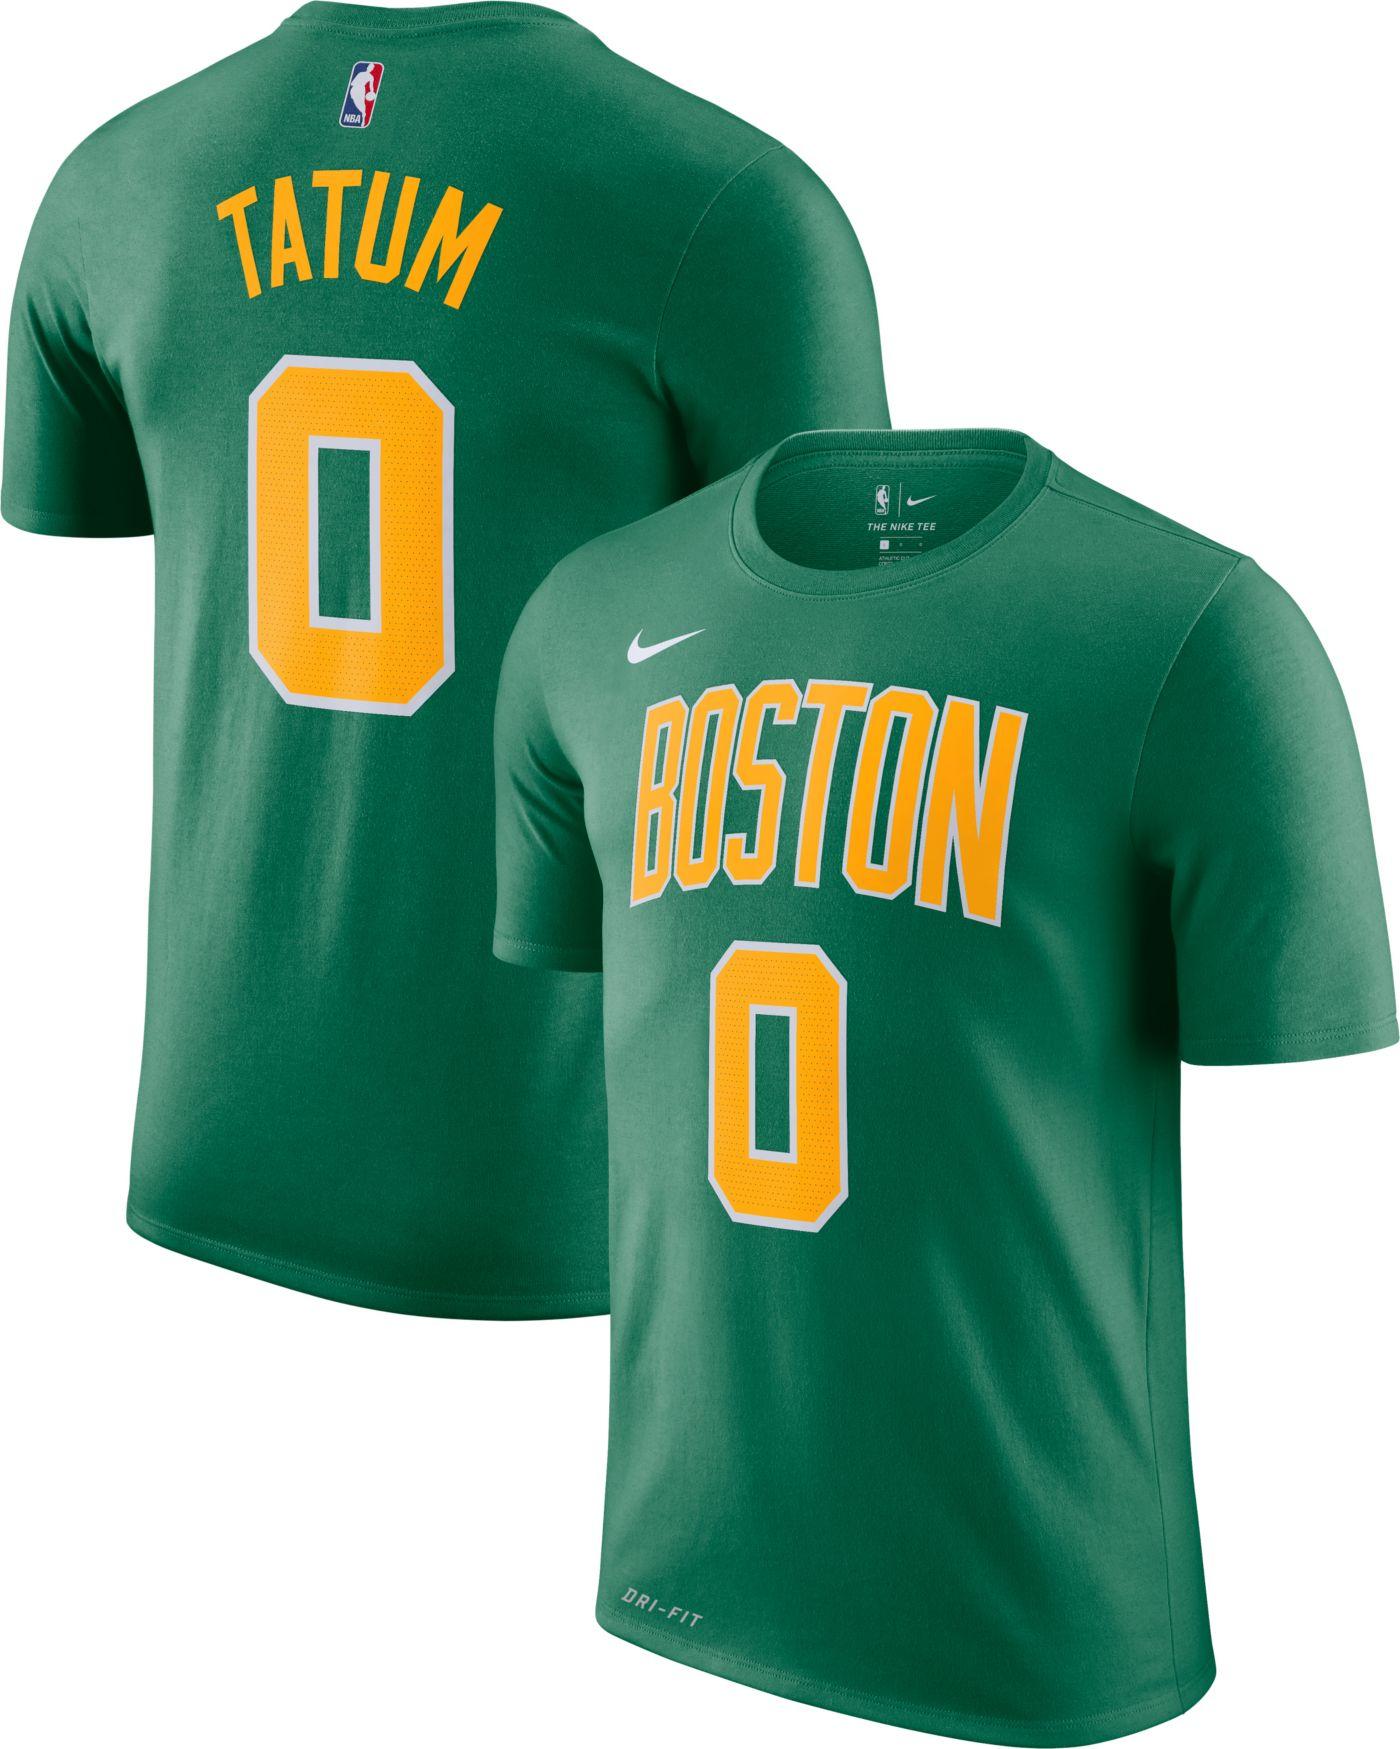 Nike Men's Boston Celtics Jayson Tatum Dri-FIT Earned Edition T-Shirt